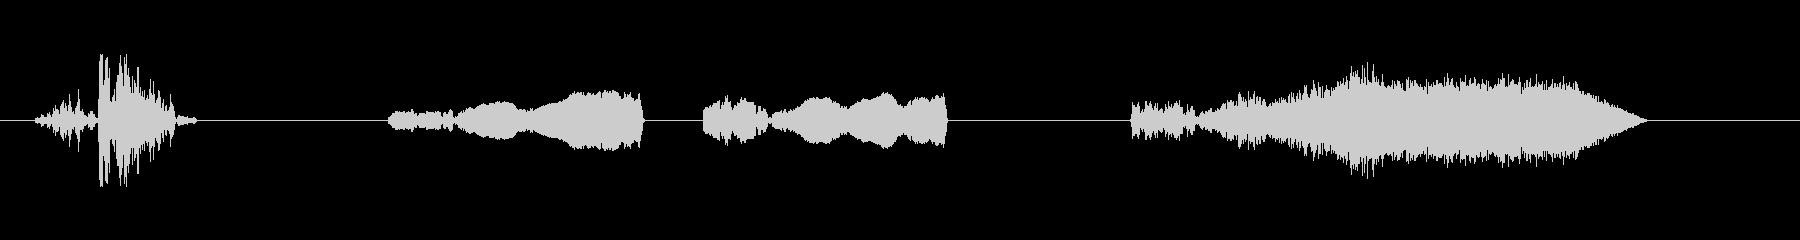 爆発、シューという音の未再生の波形